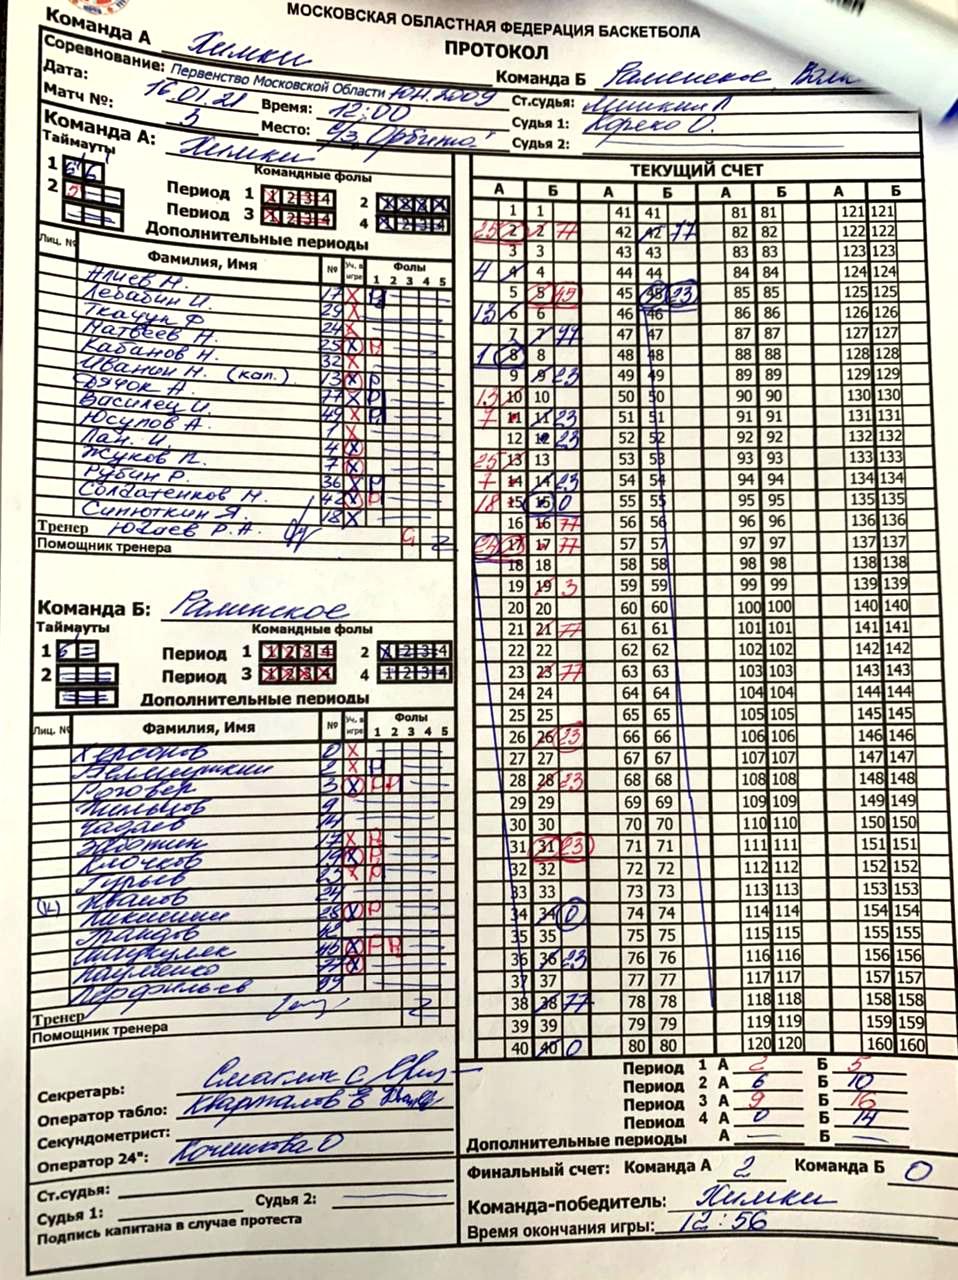 Протокол матча Химки - Волки, МО'2006, г. Дзержинский, 16.01.2021